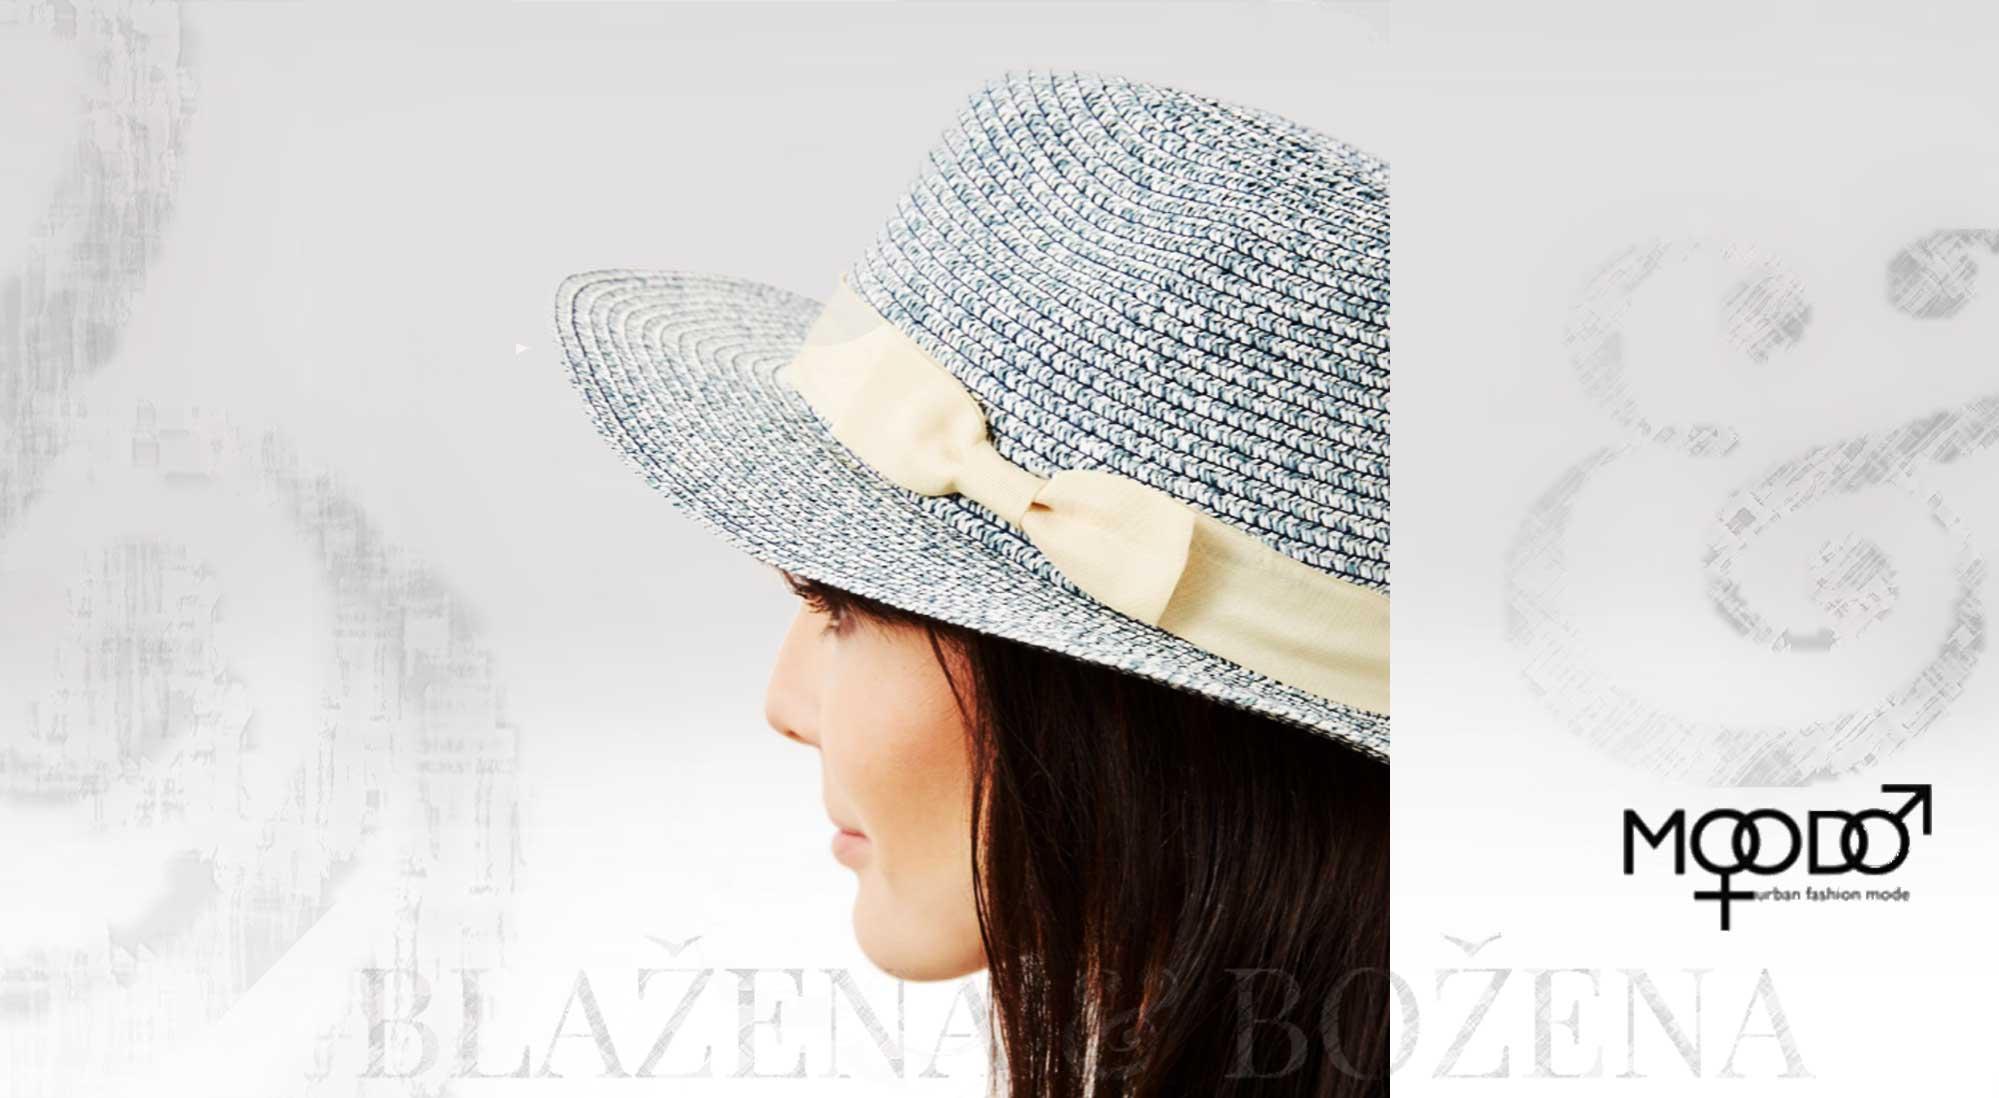 Blažena Božena. královny klobouků. Moodo modrý letní klobouk 58e867a11a